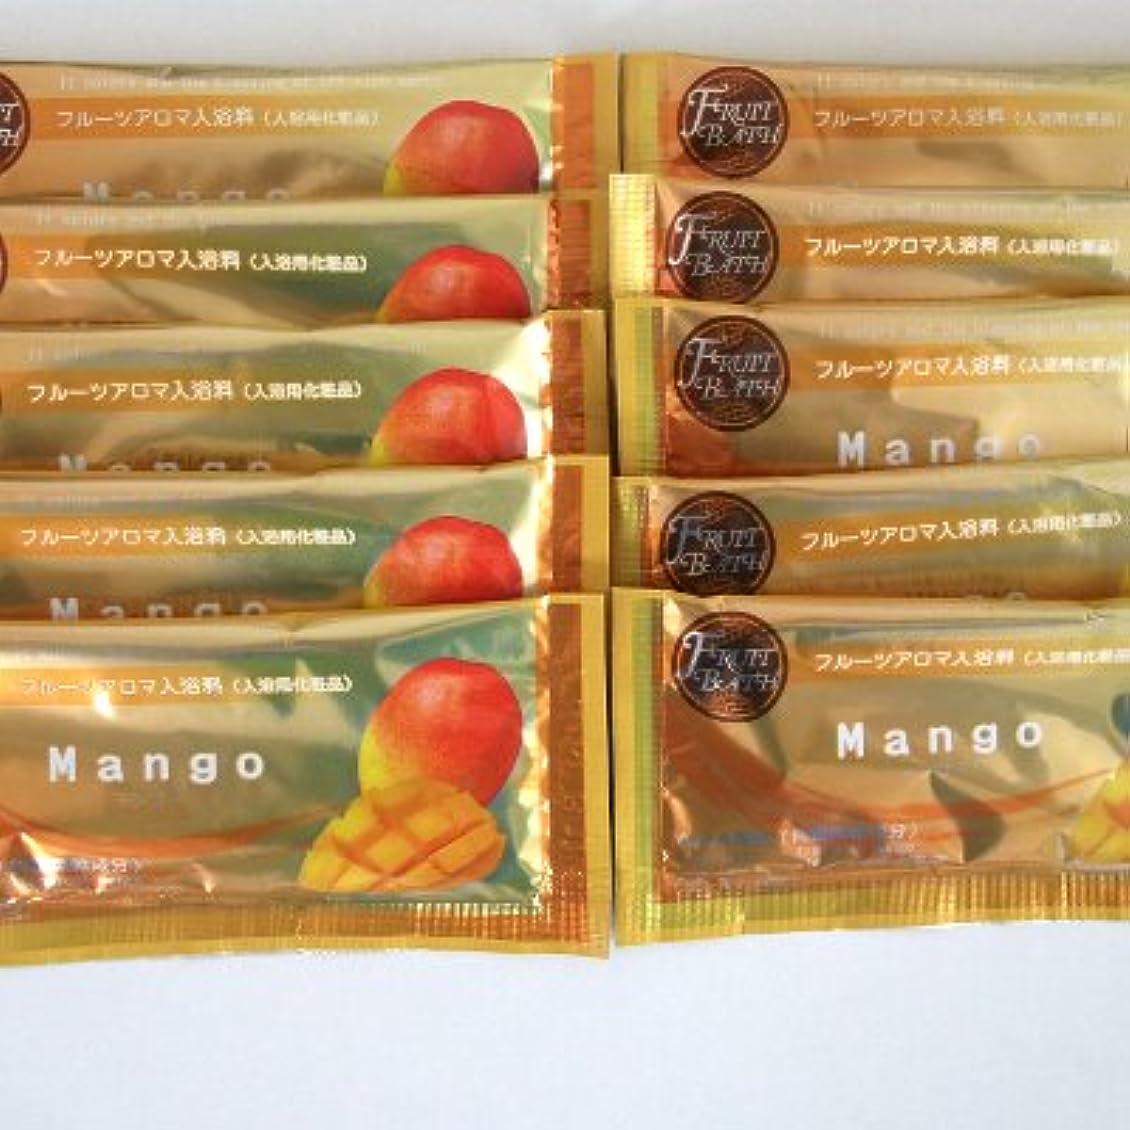 スリラーすぐに谷フルーツアロマ入浴剤 マンゴーの香り 10包セット